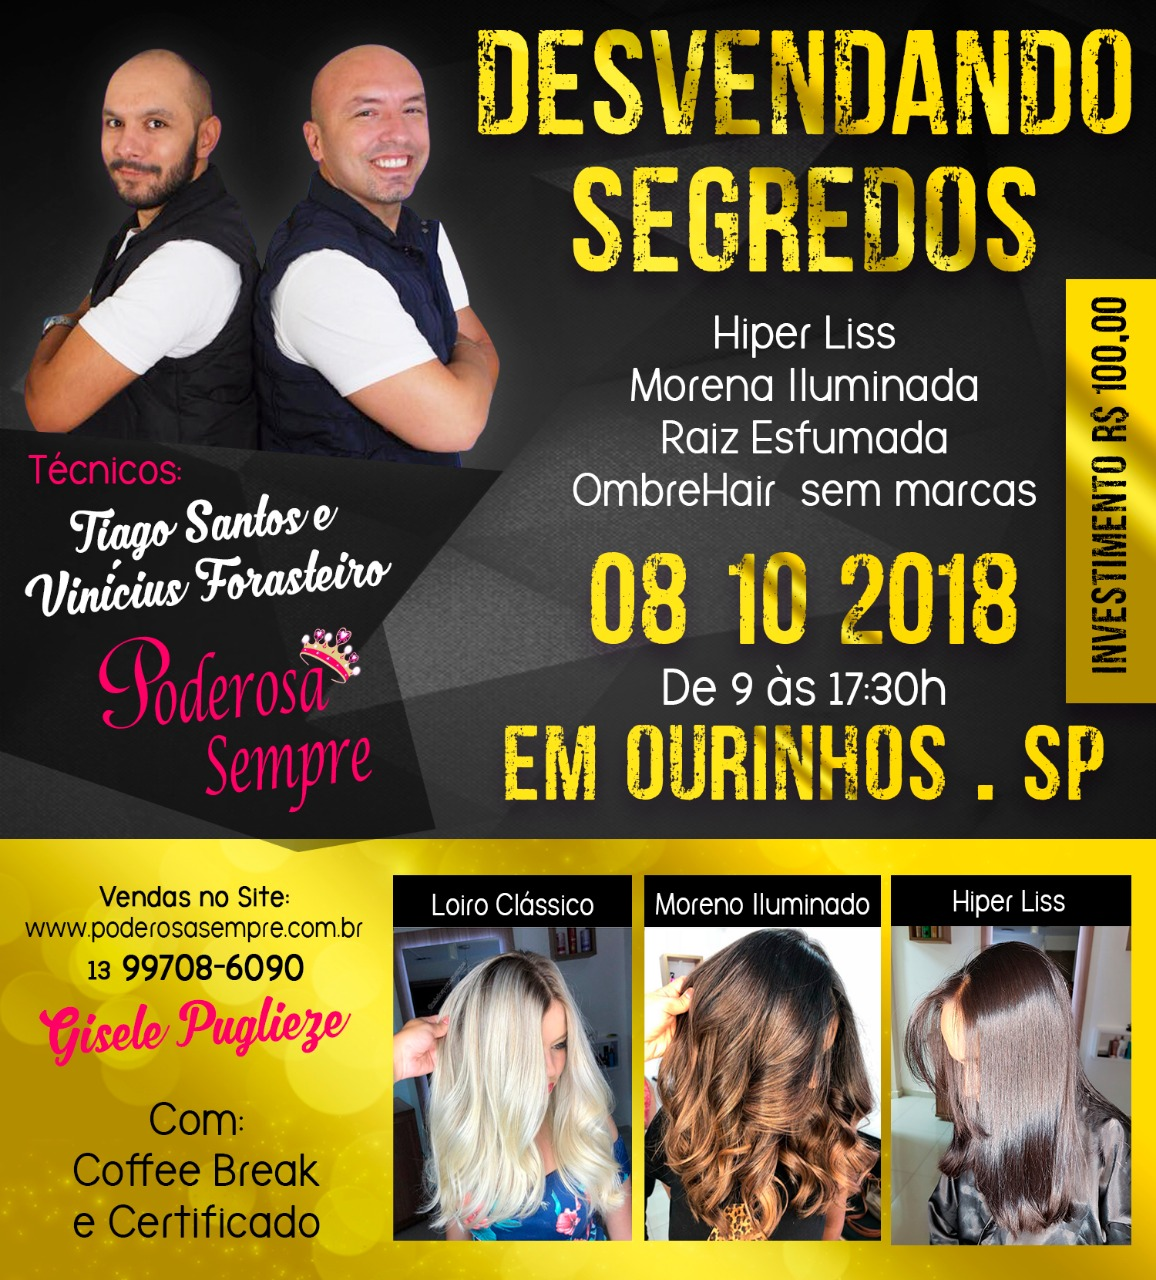 WORKSHOP TIAGO SANTOS E VINÍCIUS FORASTEIRO 08-10-2018